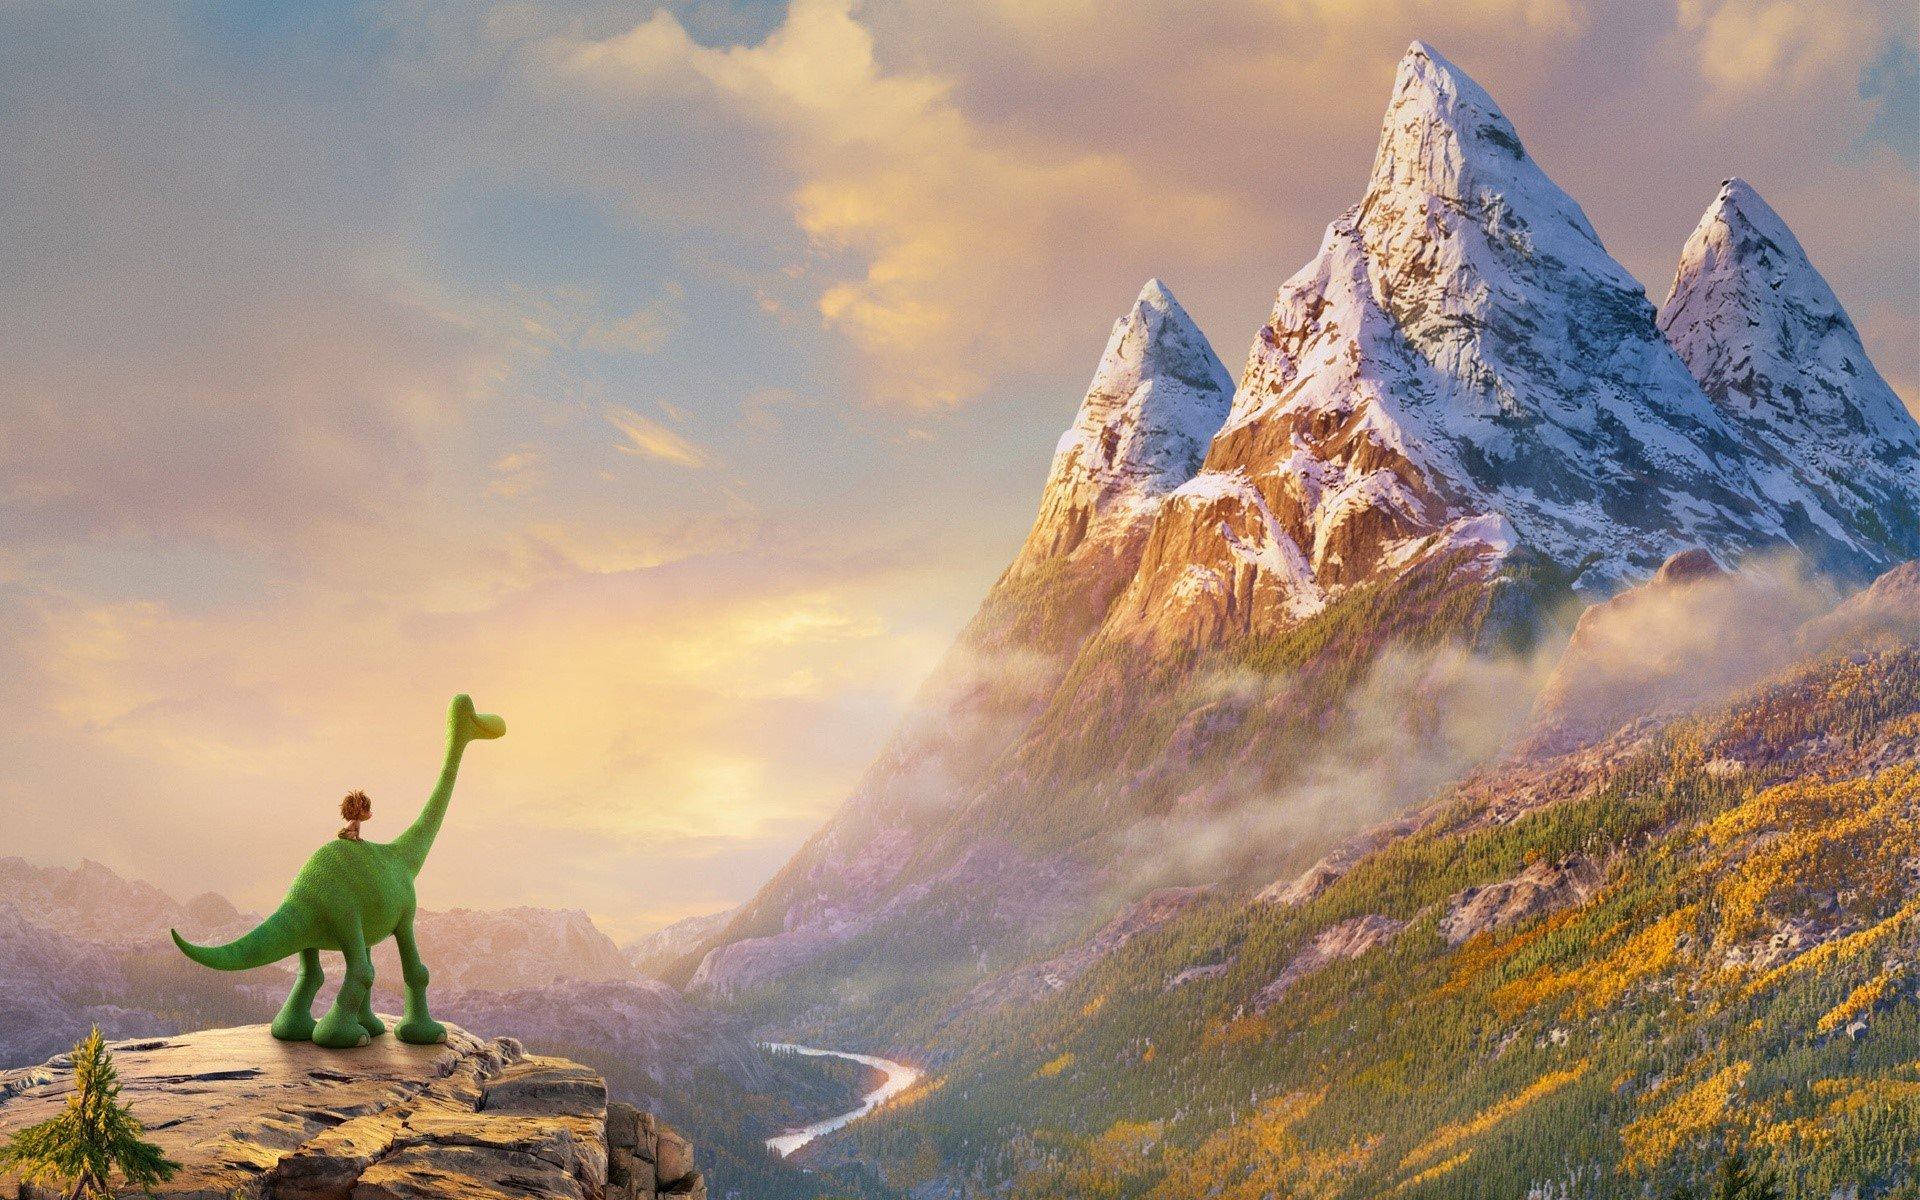 Wallpaper A great dinosaur